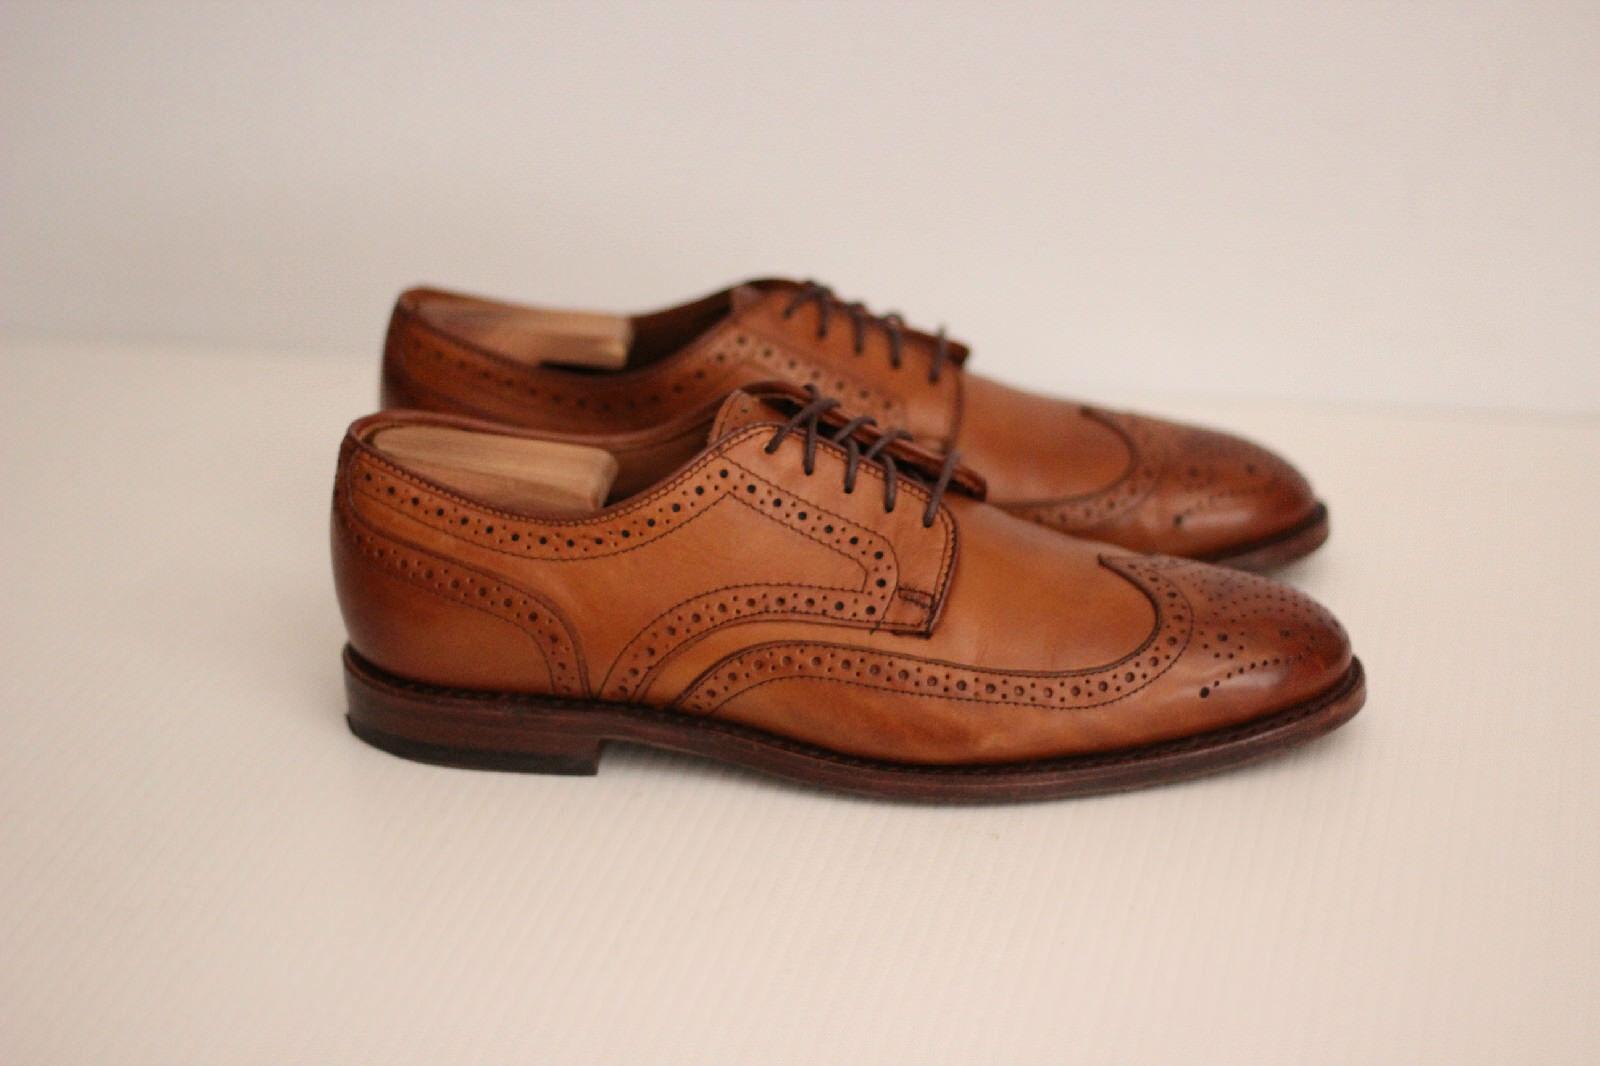 Allen Edmonds 'Madison Park' Wingtip Oxford Dress scarpe- Walnut Marronee- 8.5 D (T9)